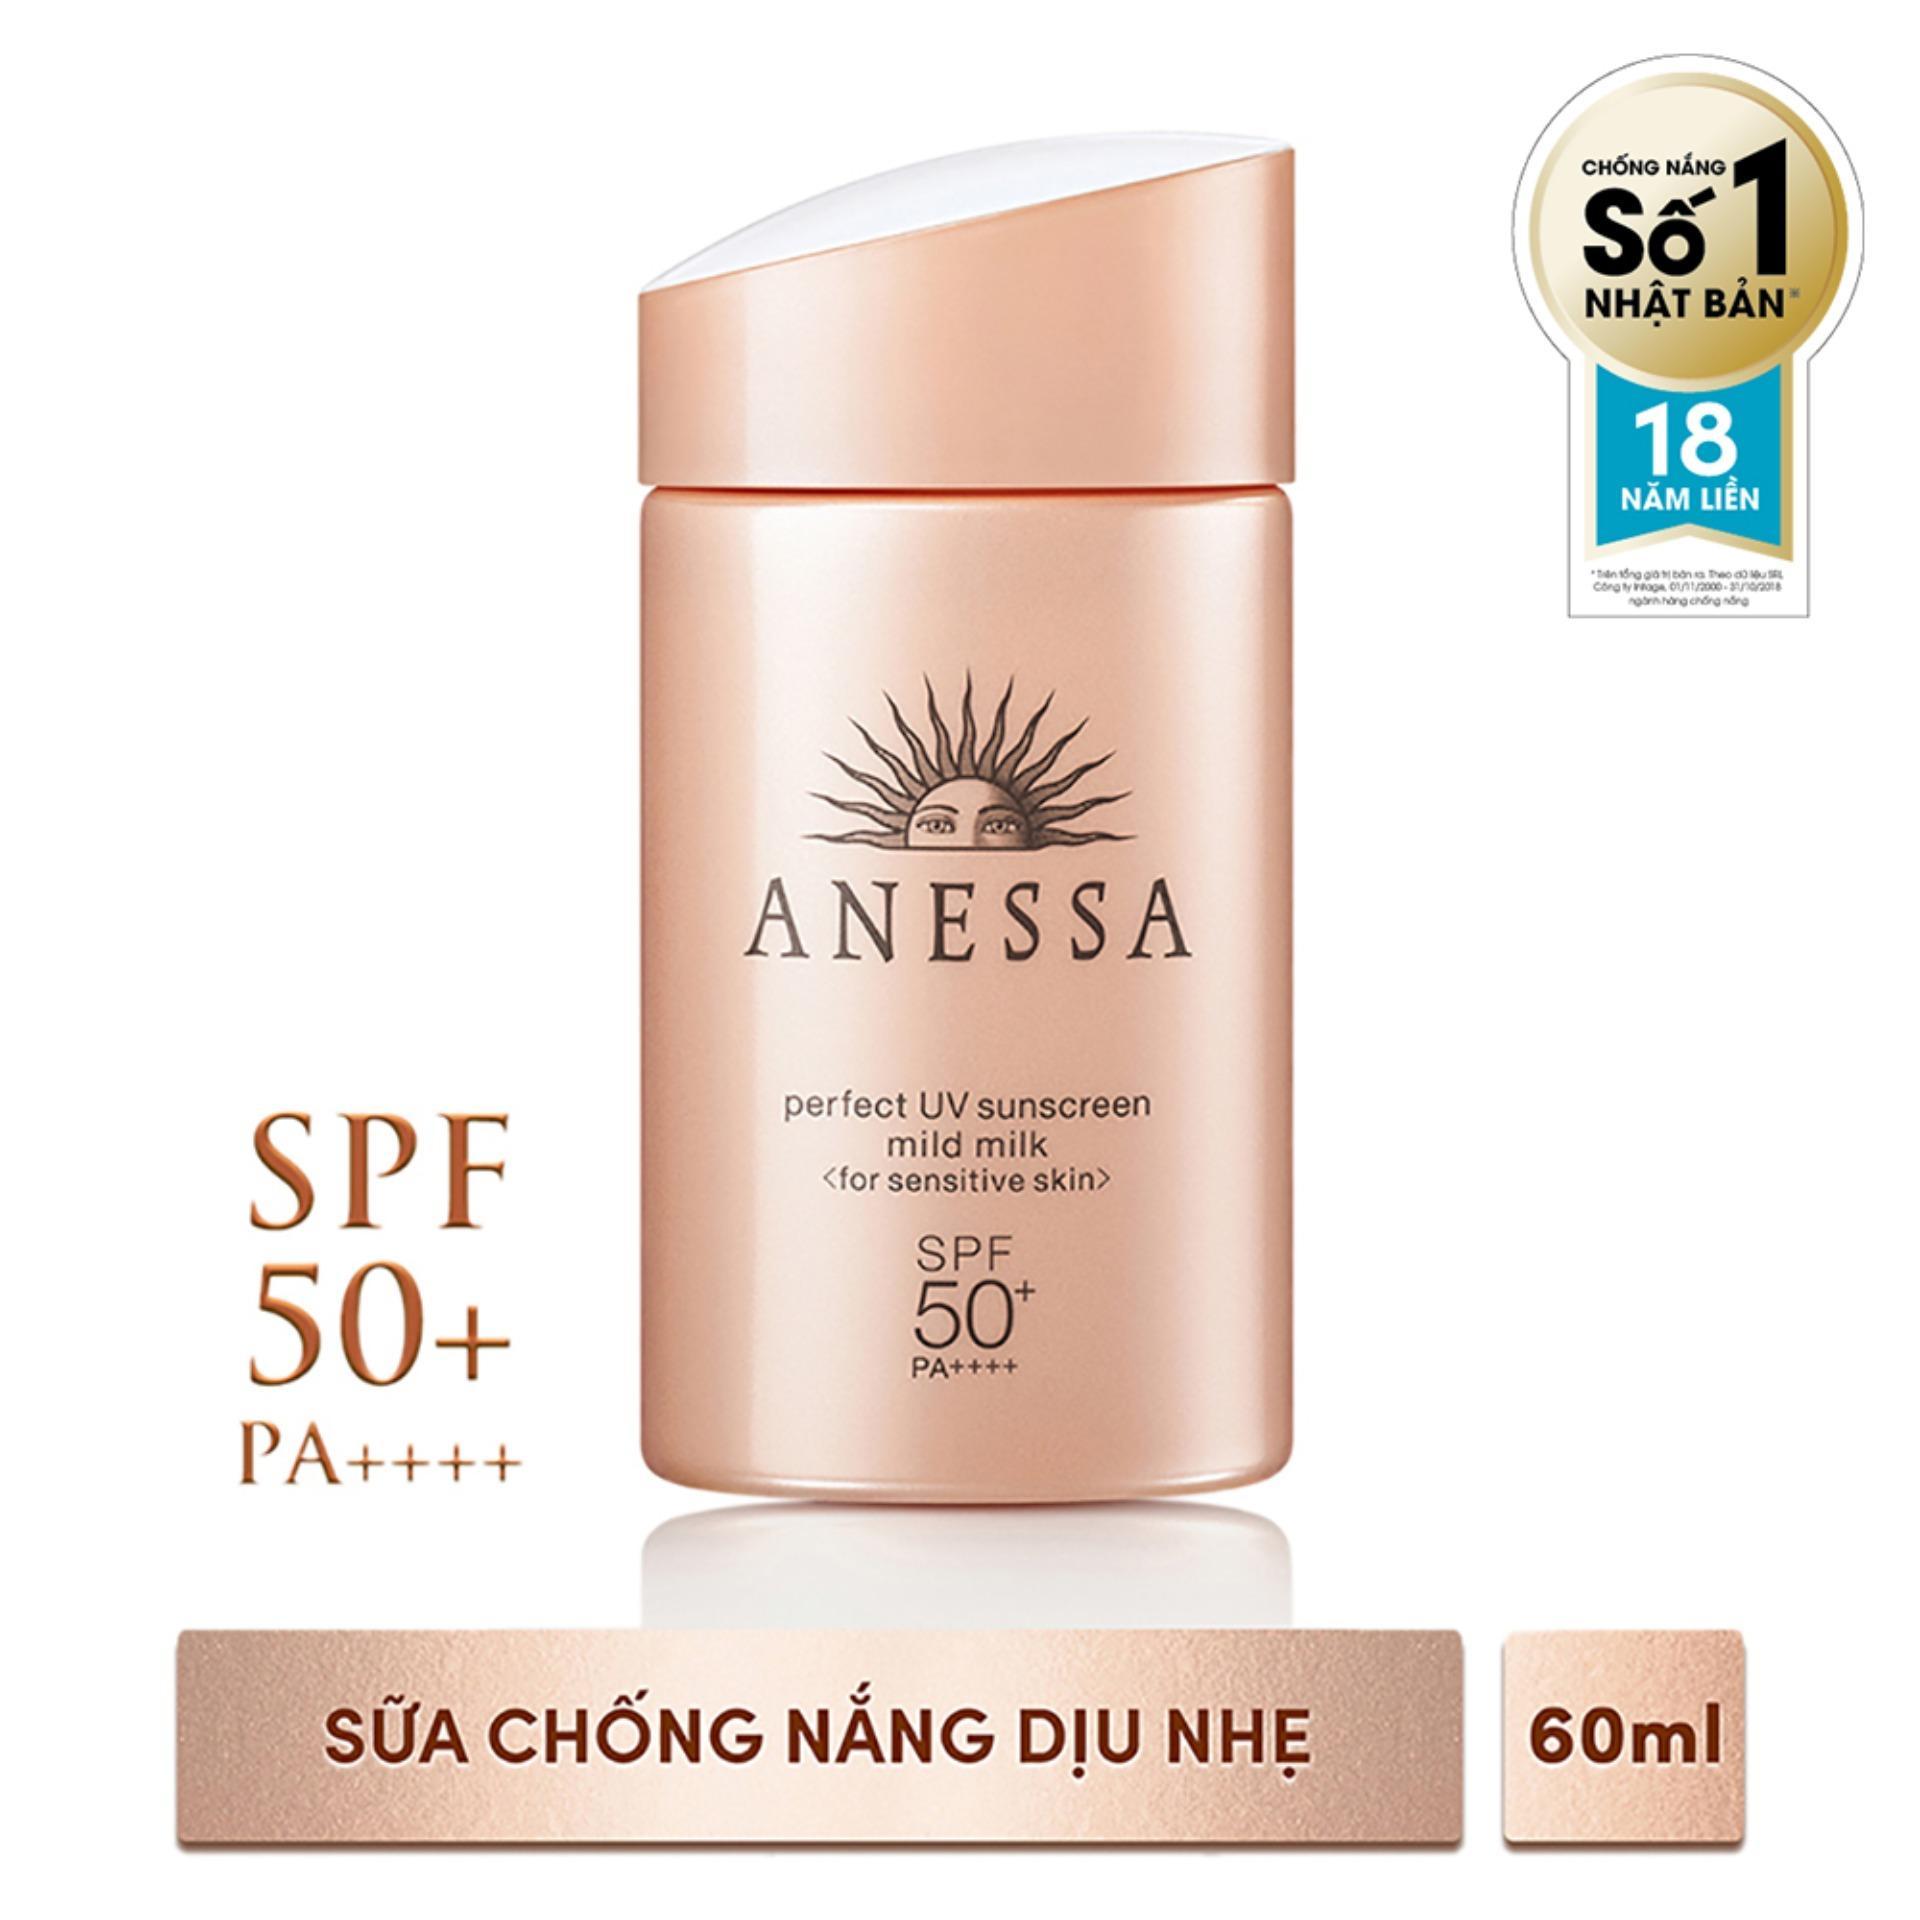 Siêu Tiết Kiệm Khi Mua Kem Chống Nắng Dịu Nhẹ Dạng Sữa Cho Da Nhạy Cảm Anessa Perfect UV Sunscreen Mild Milk 60ml